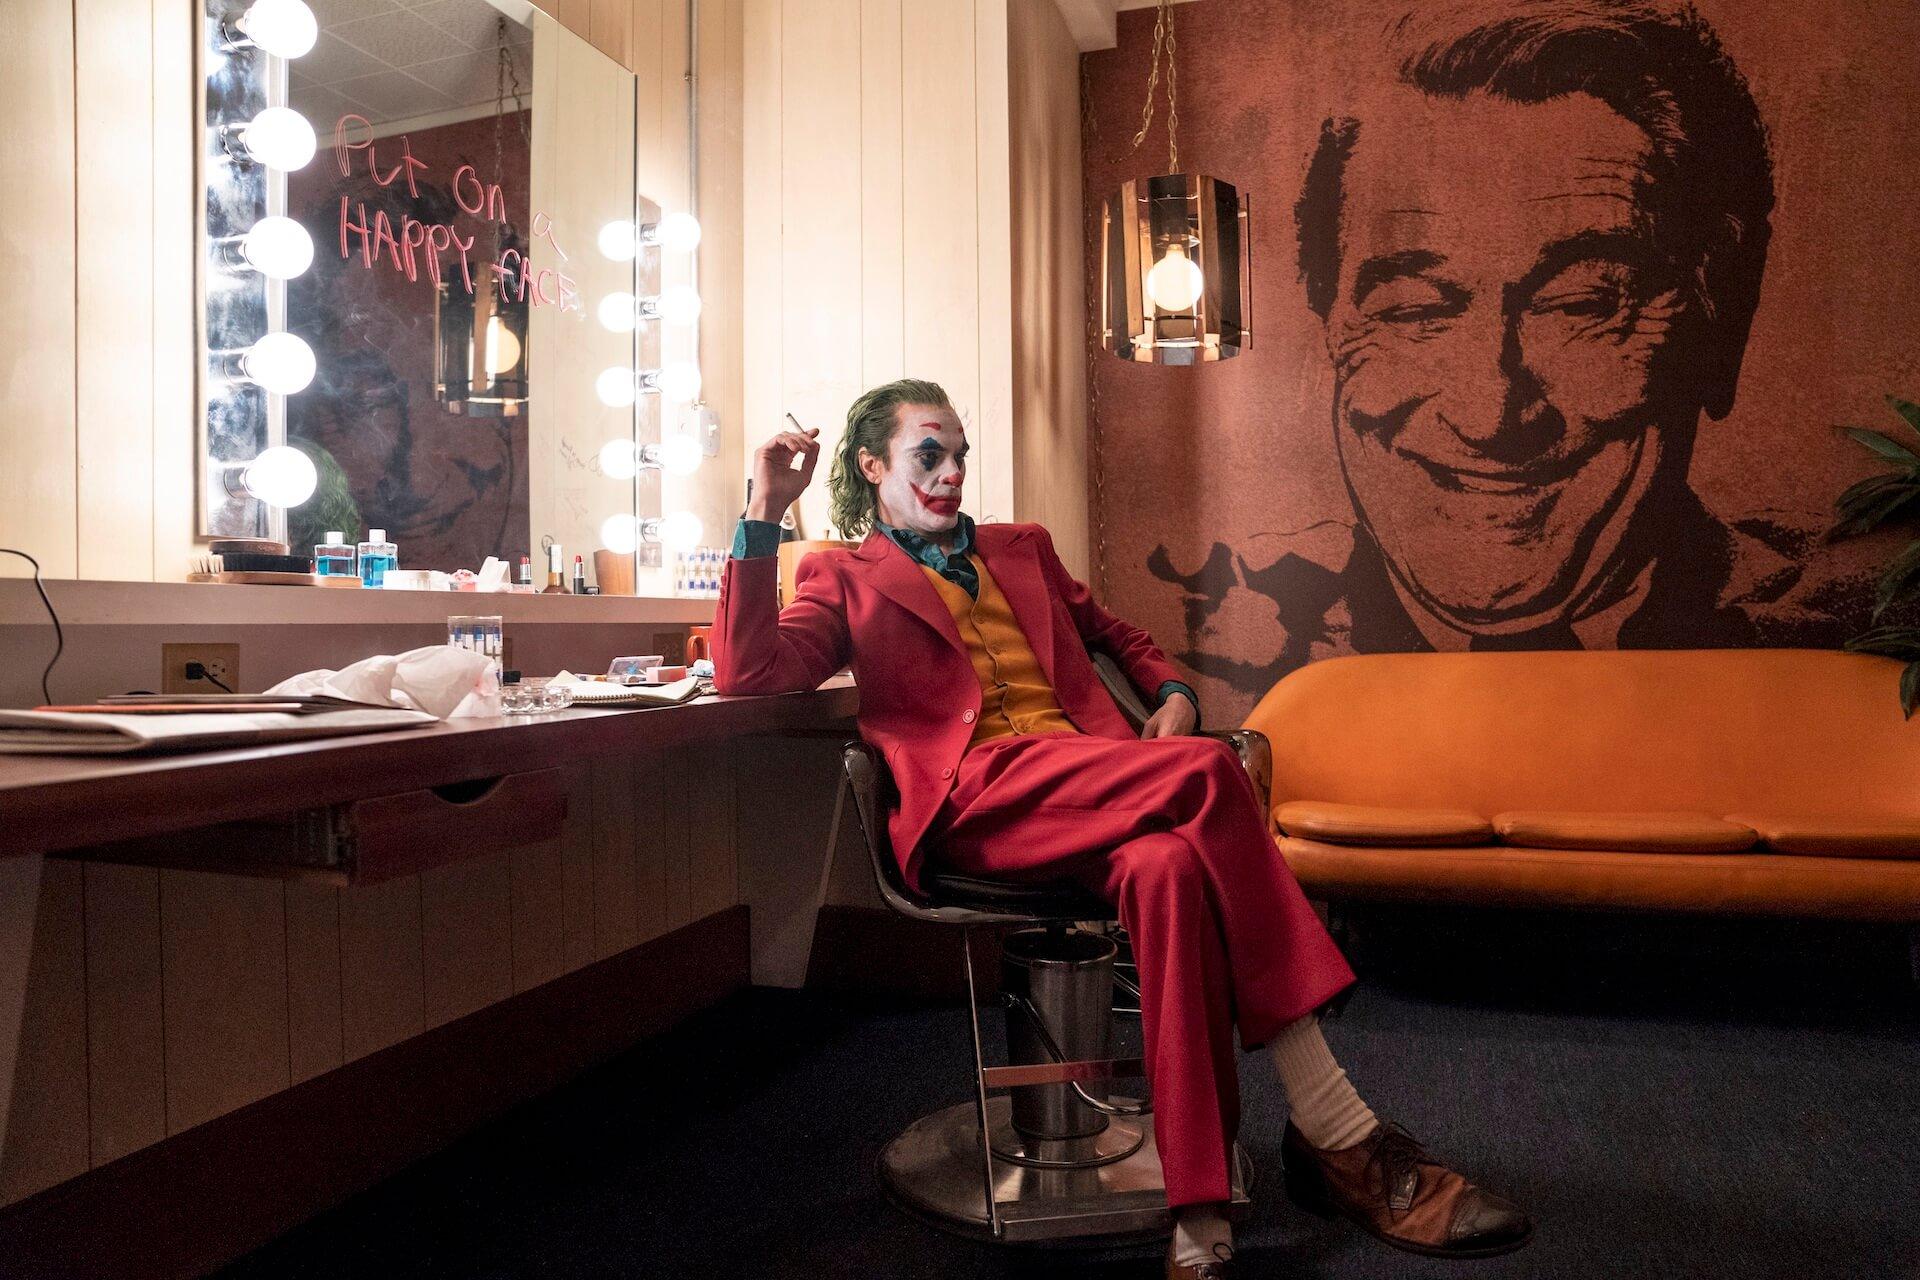 『ジョーカー』まさか!4週連続No.1で17年ぶりの快挙達成&世界興収900億円越え film191028_joker_main